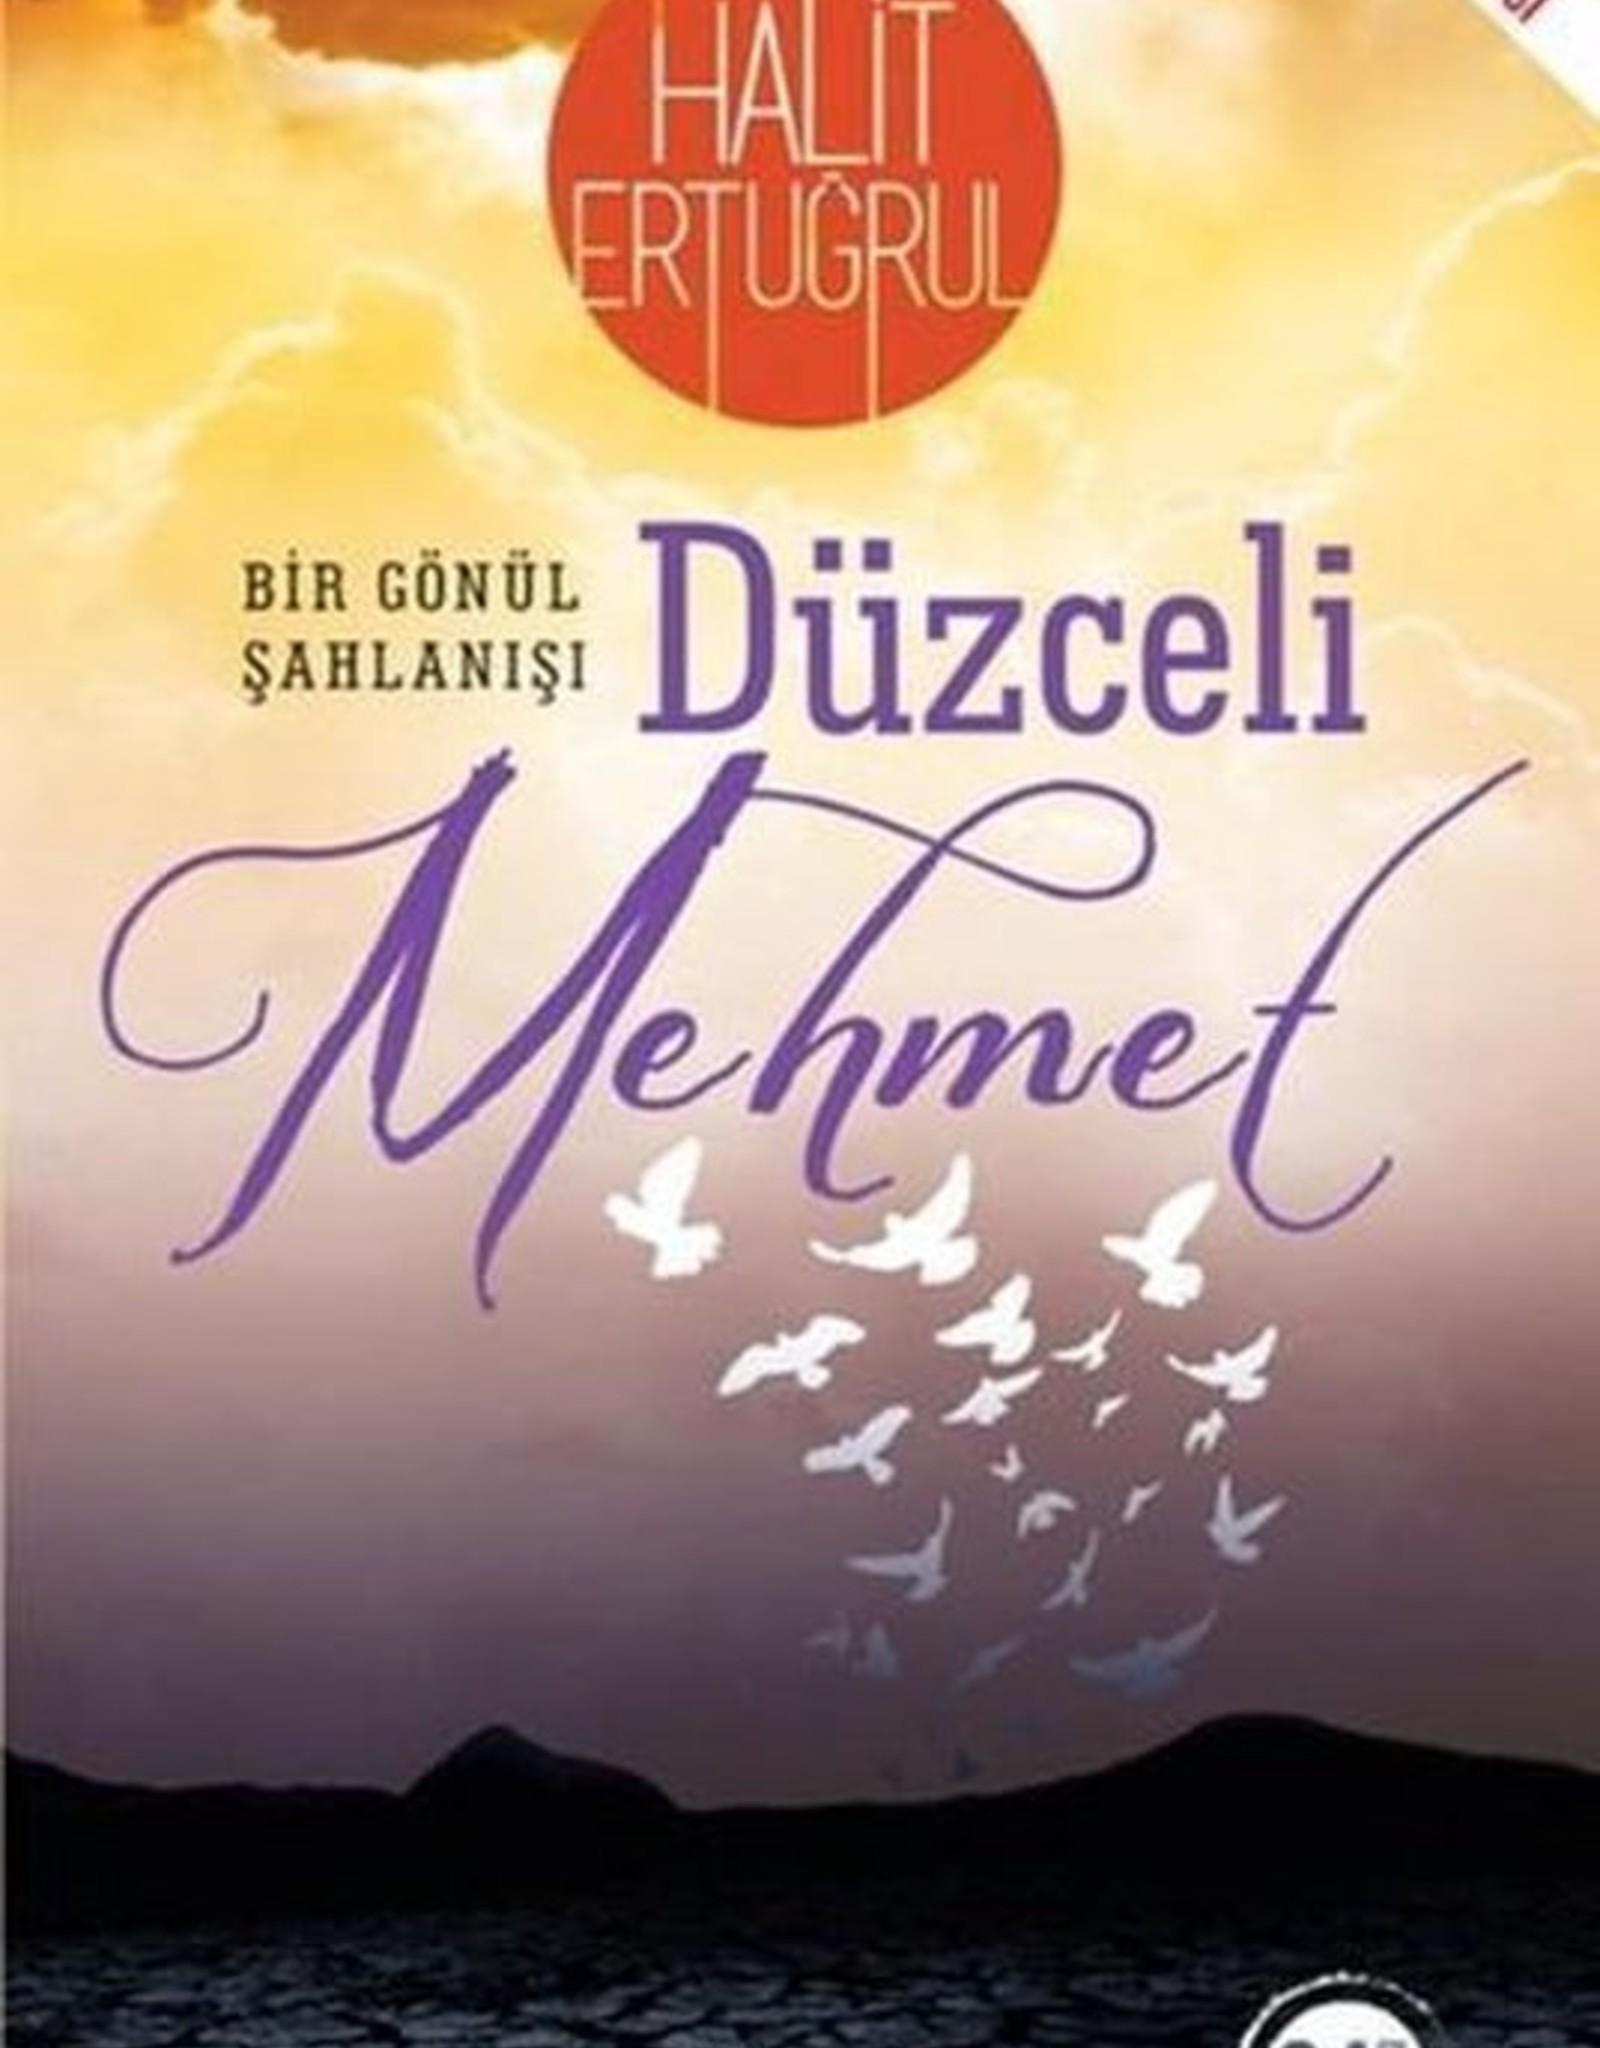 Bir Gönül Şahlanışı Düzceli Mehmet